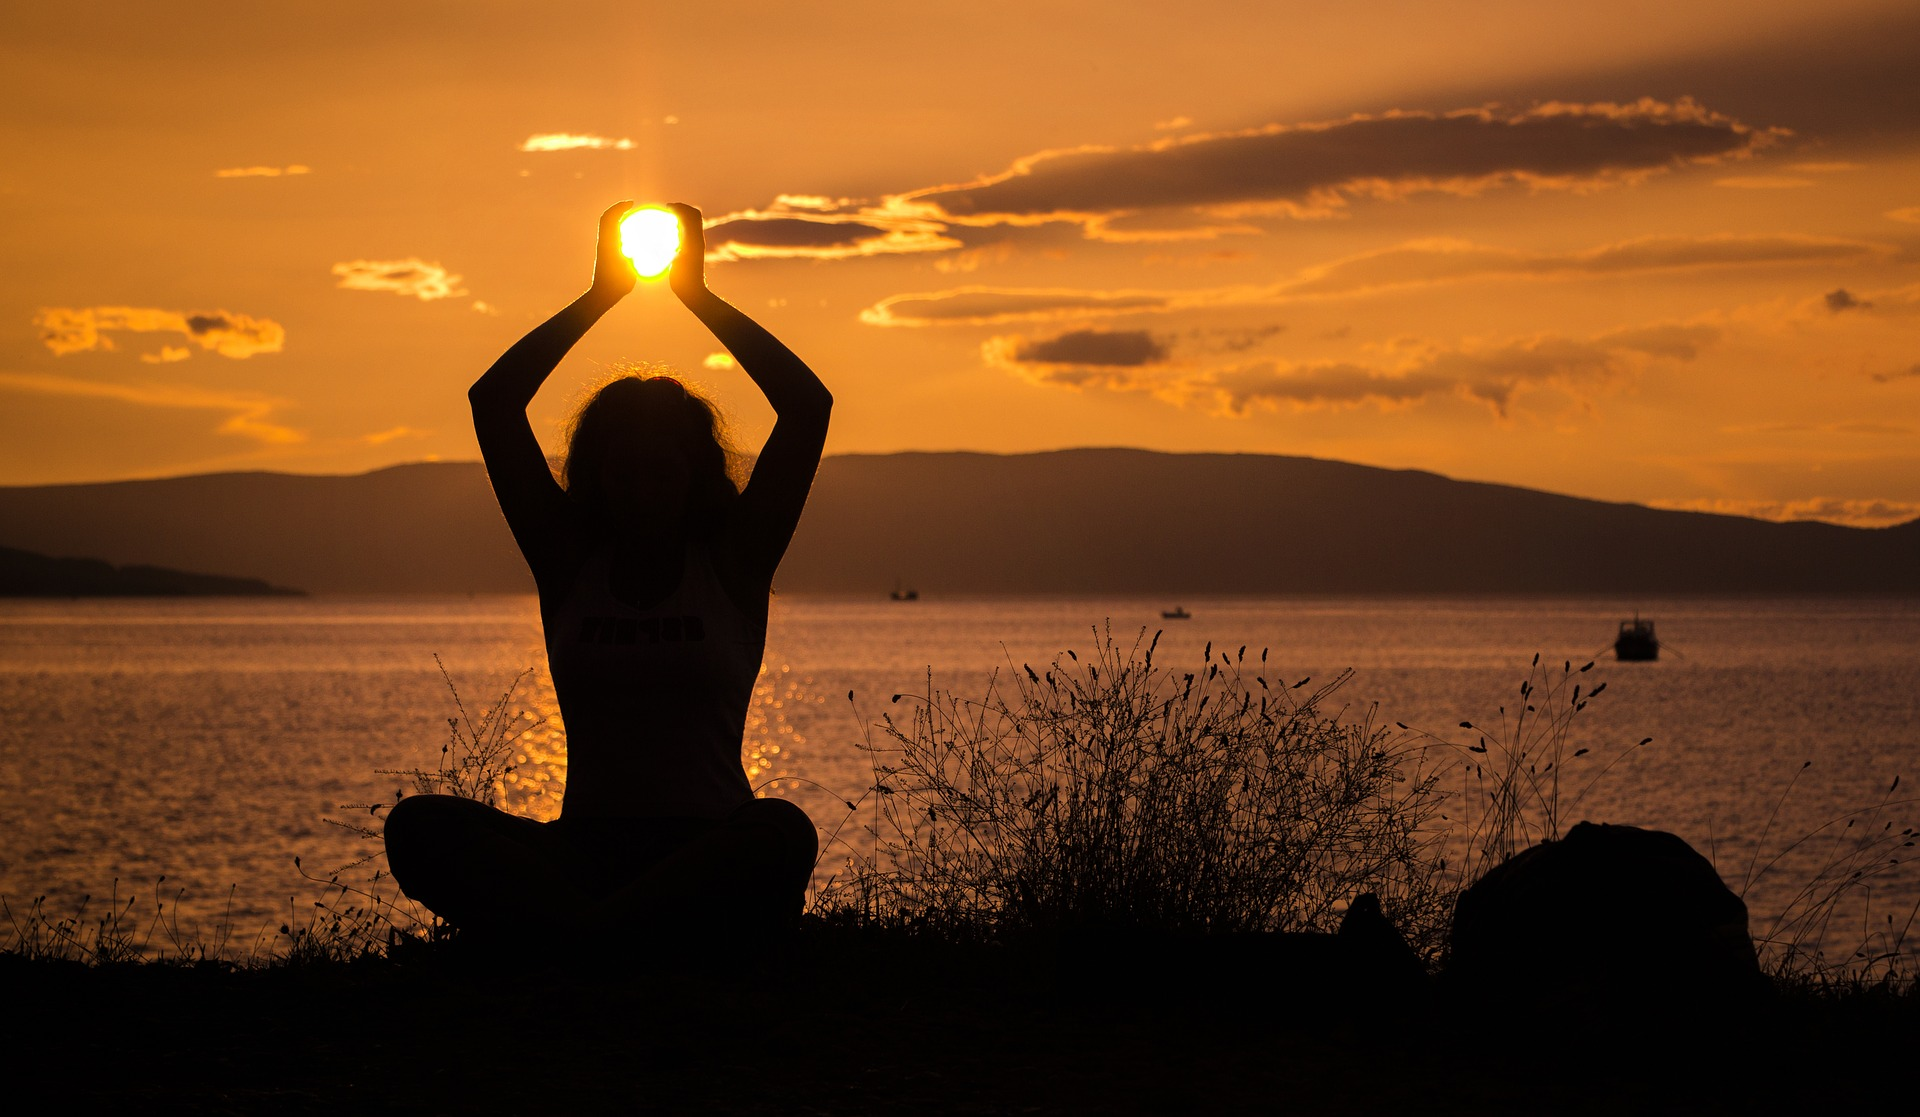 Важной частью профилактики аллергии на солнце являются правильное поведение на солнце и солнцезащитный крем с высоким SPF.